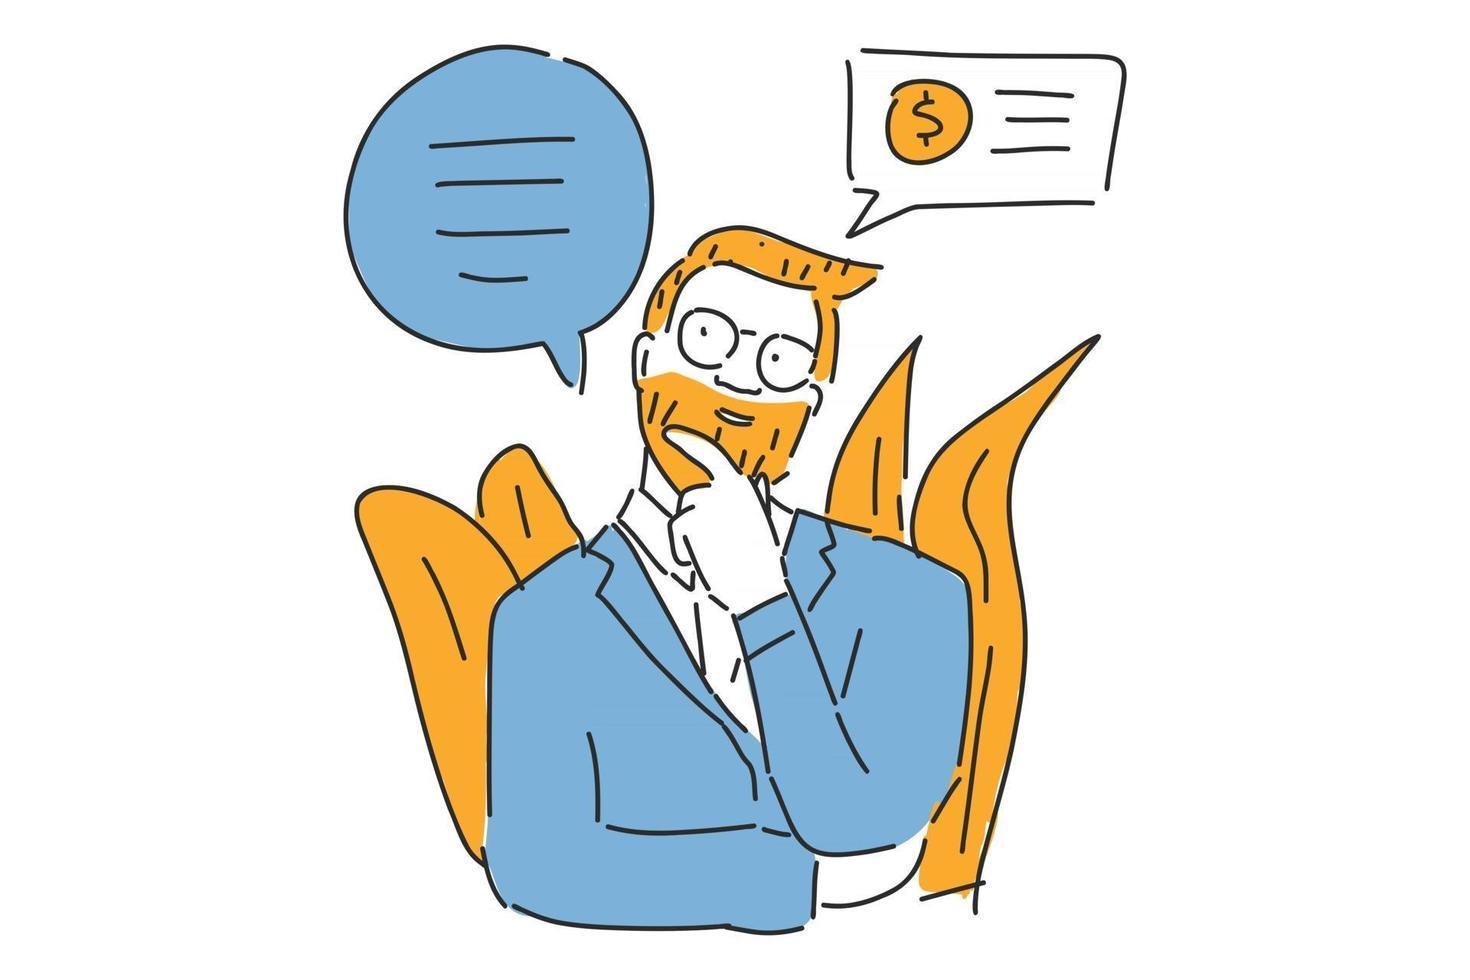 hombre pensando en ilustración de negocios dibujar a mano 2753157 Vector en Vecteezy